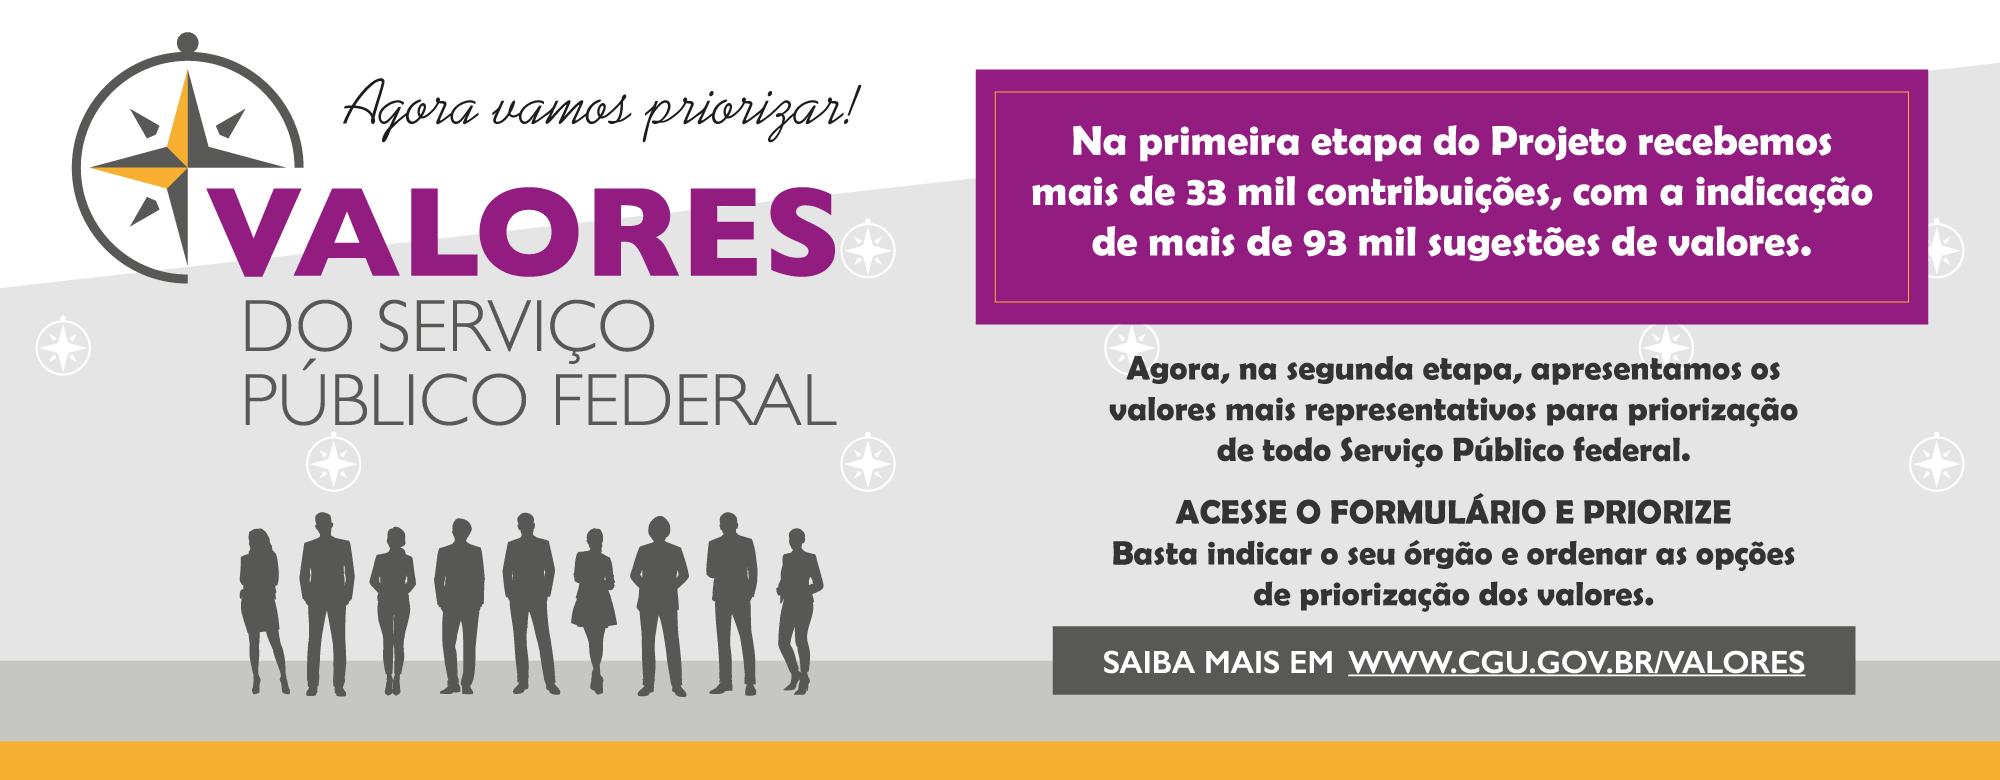 Pesquisa Valores do Serviço Público Federal - 2ª Etapa